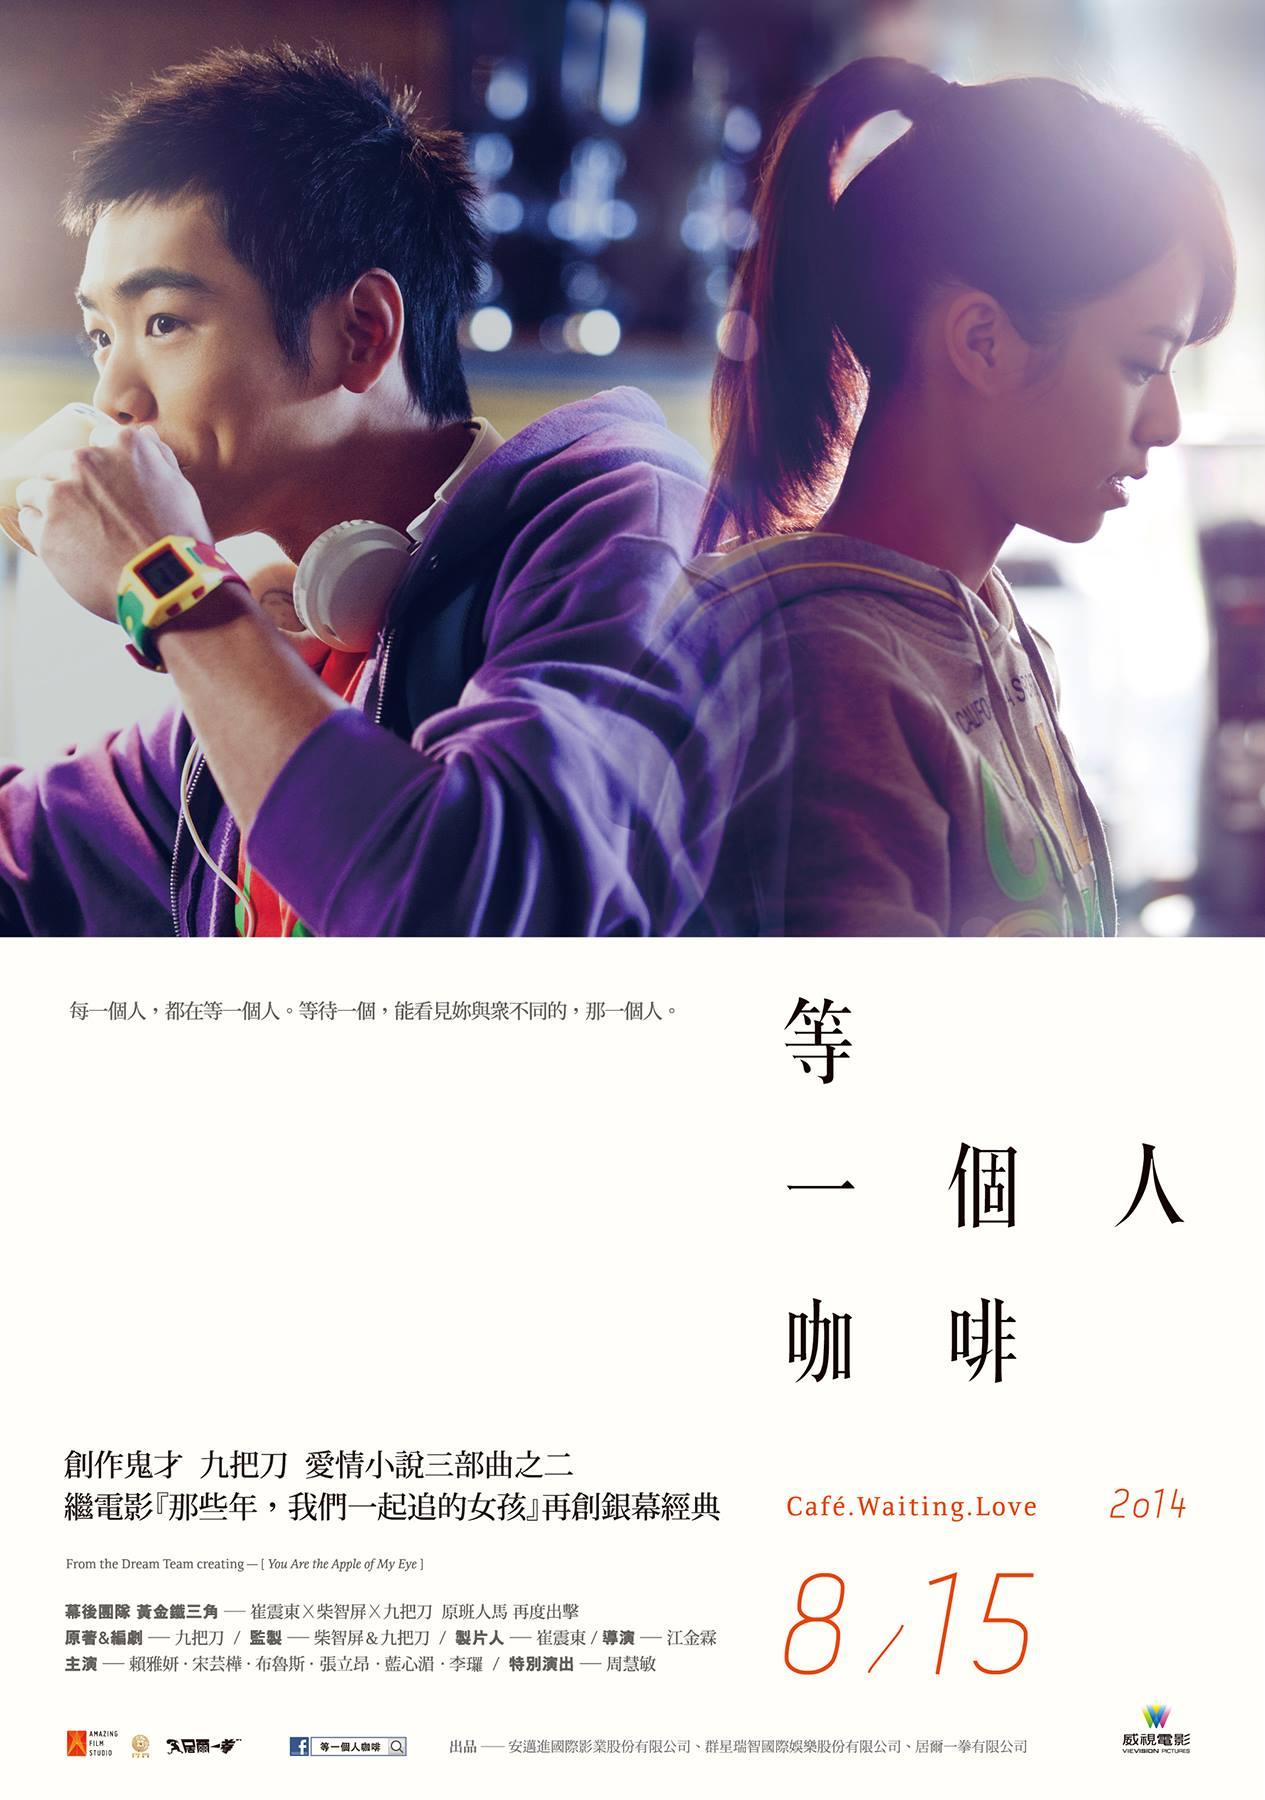 影評:《等一個人咖啡》不能說的秘密.. - UNWIRE.HK